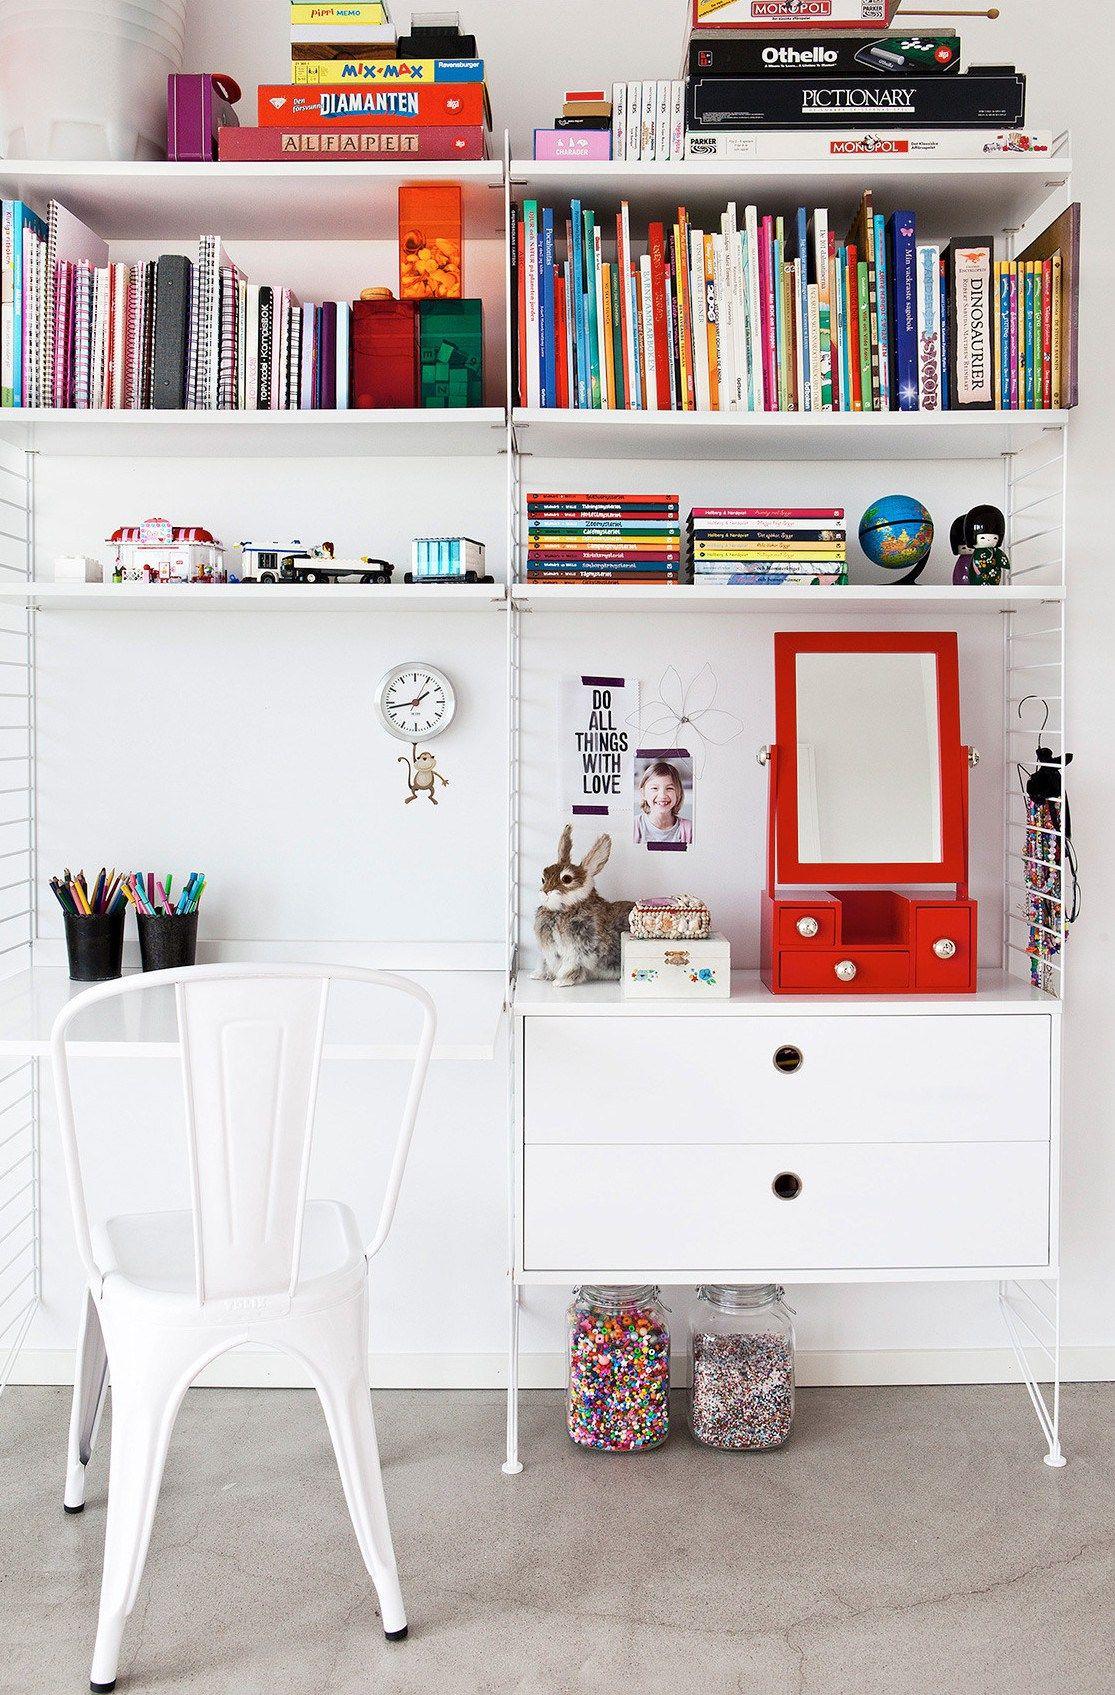 Modern Shelving for Kids | Wall shelving, Shelving and Desks